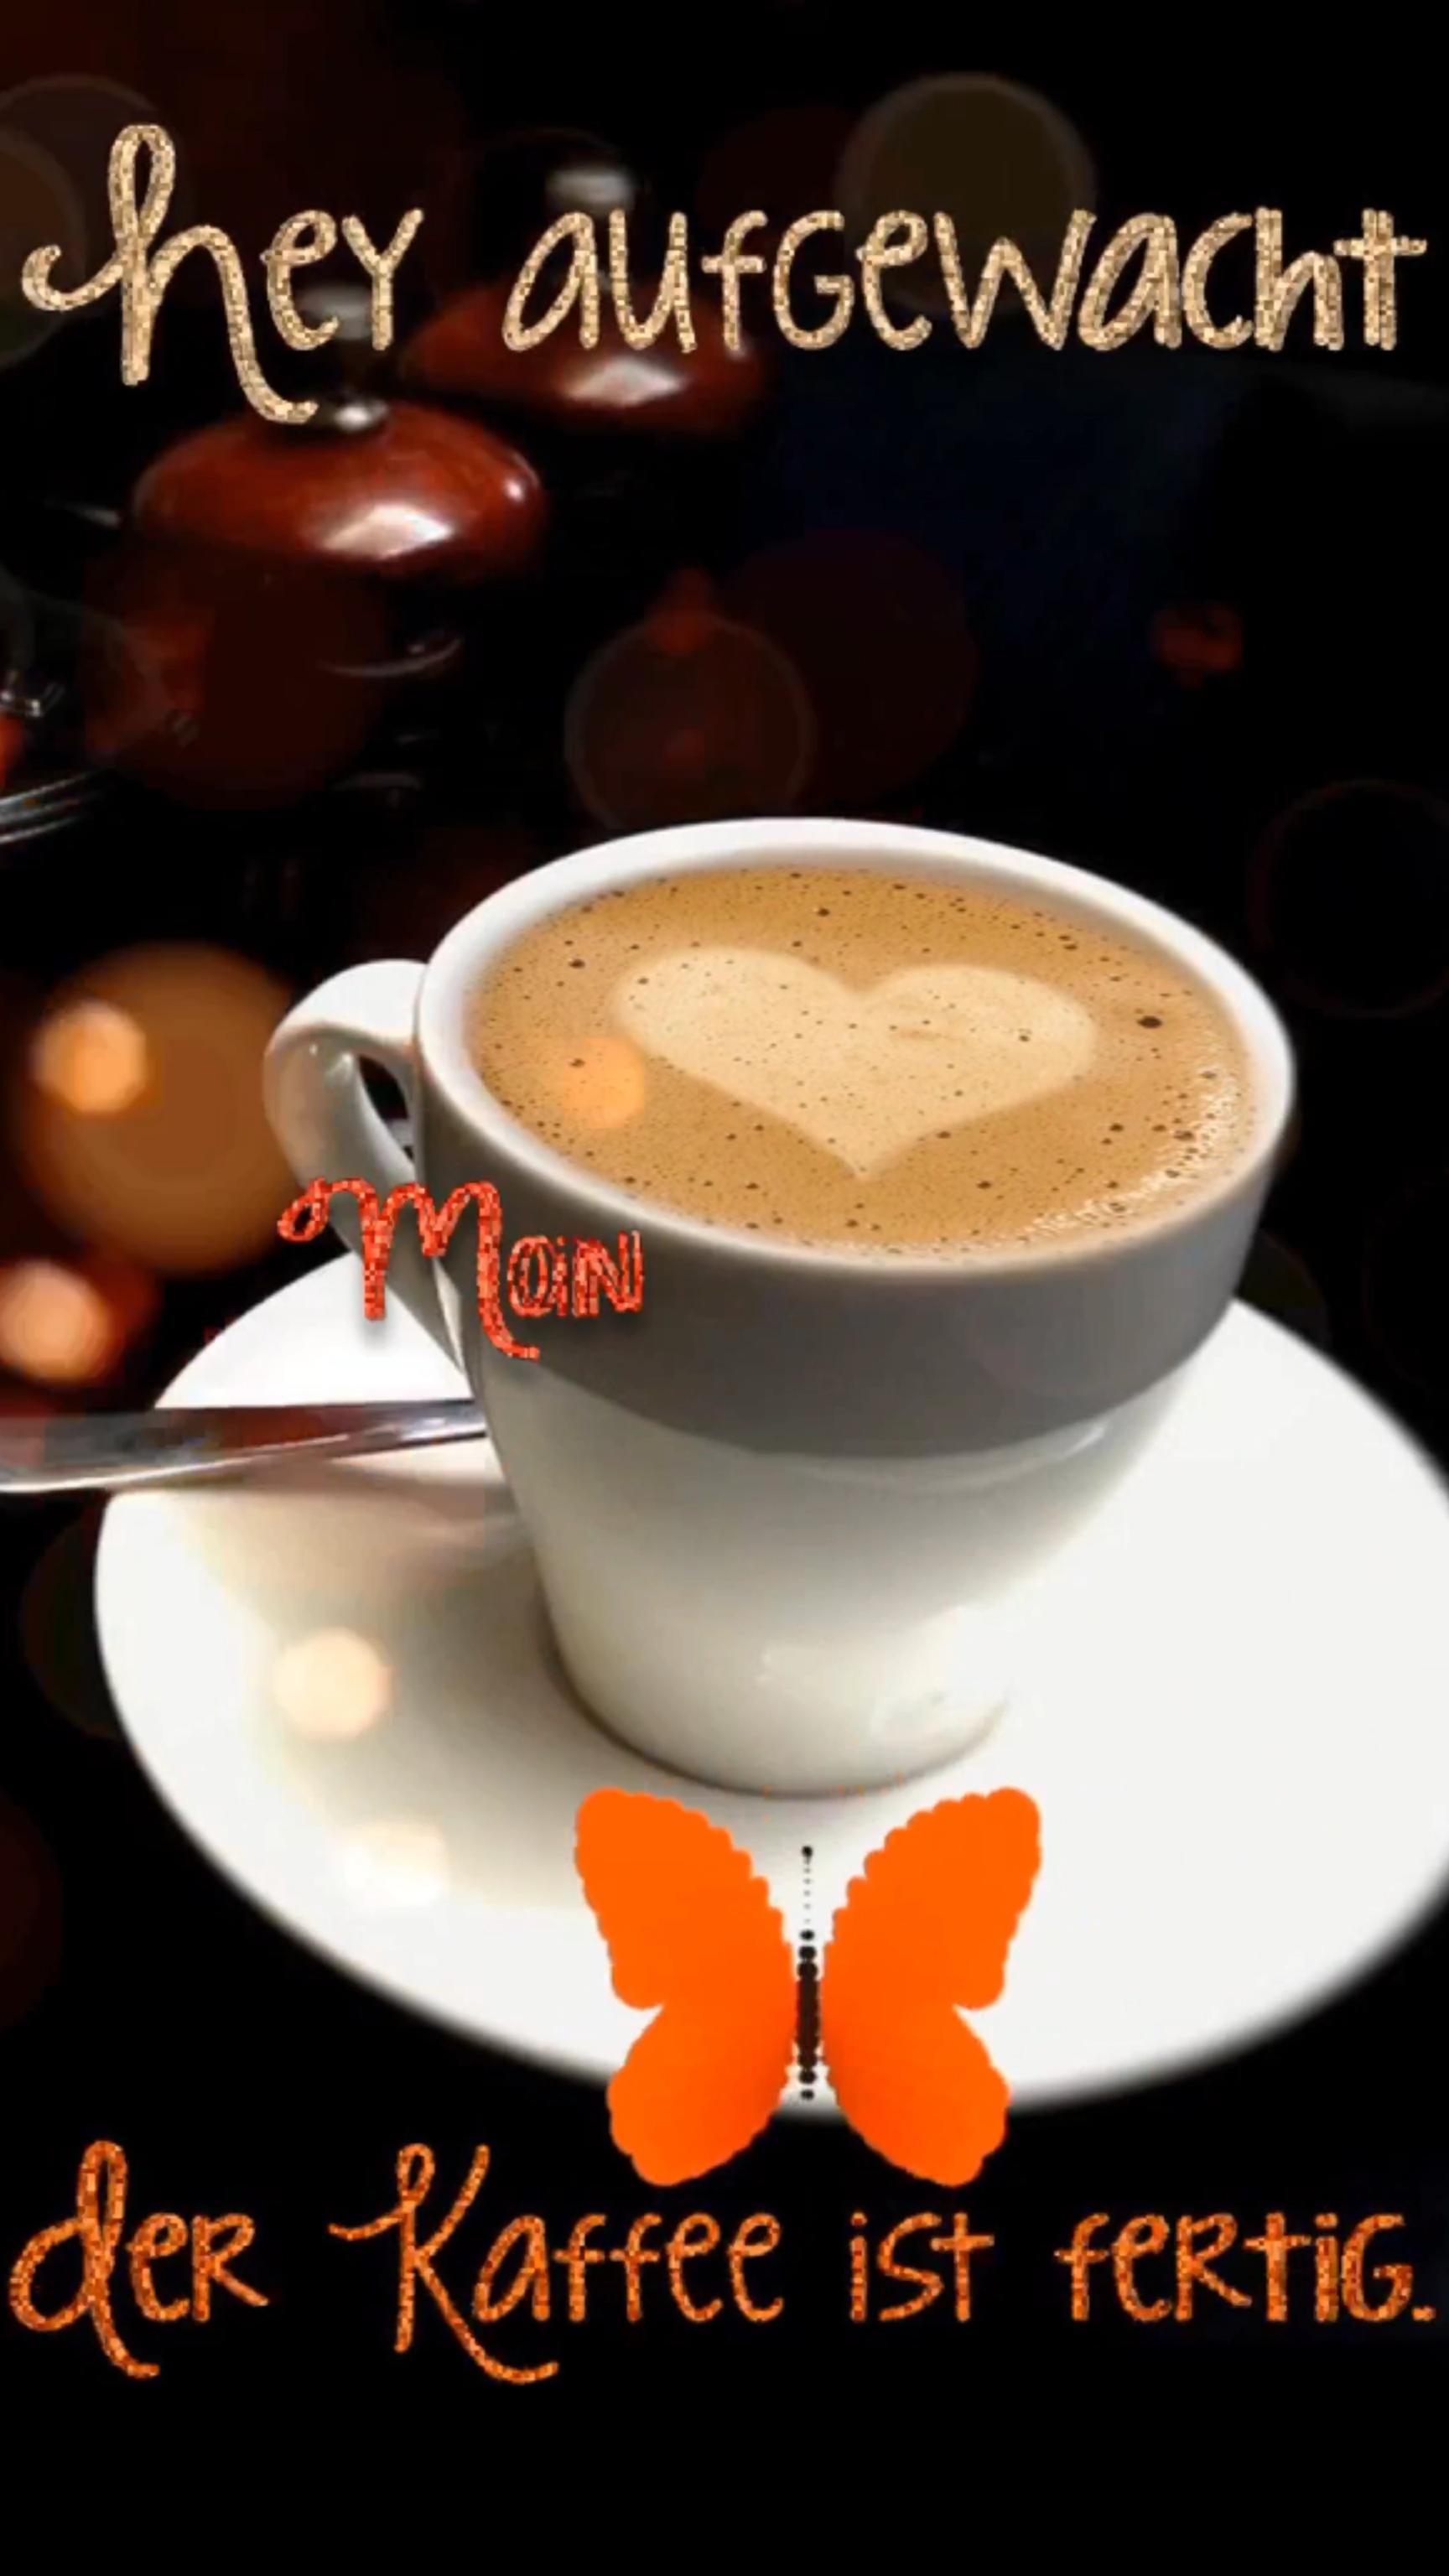 Photo of Hey aufgewacht, der Kaffee ist fertig und wartet auf dich.